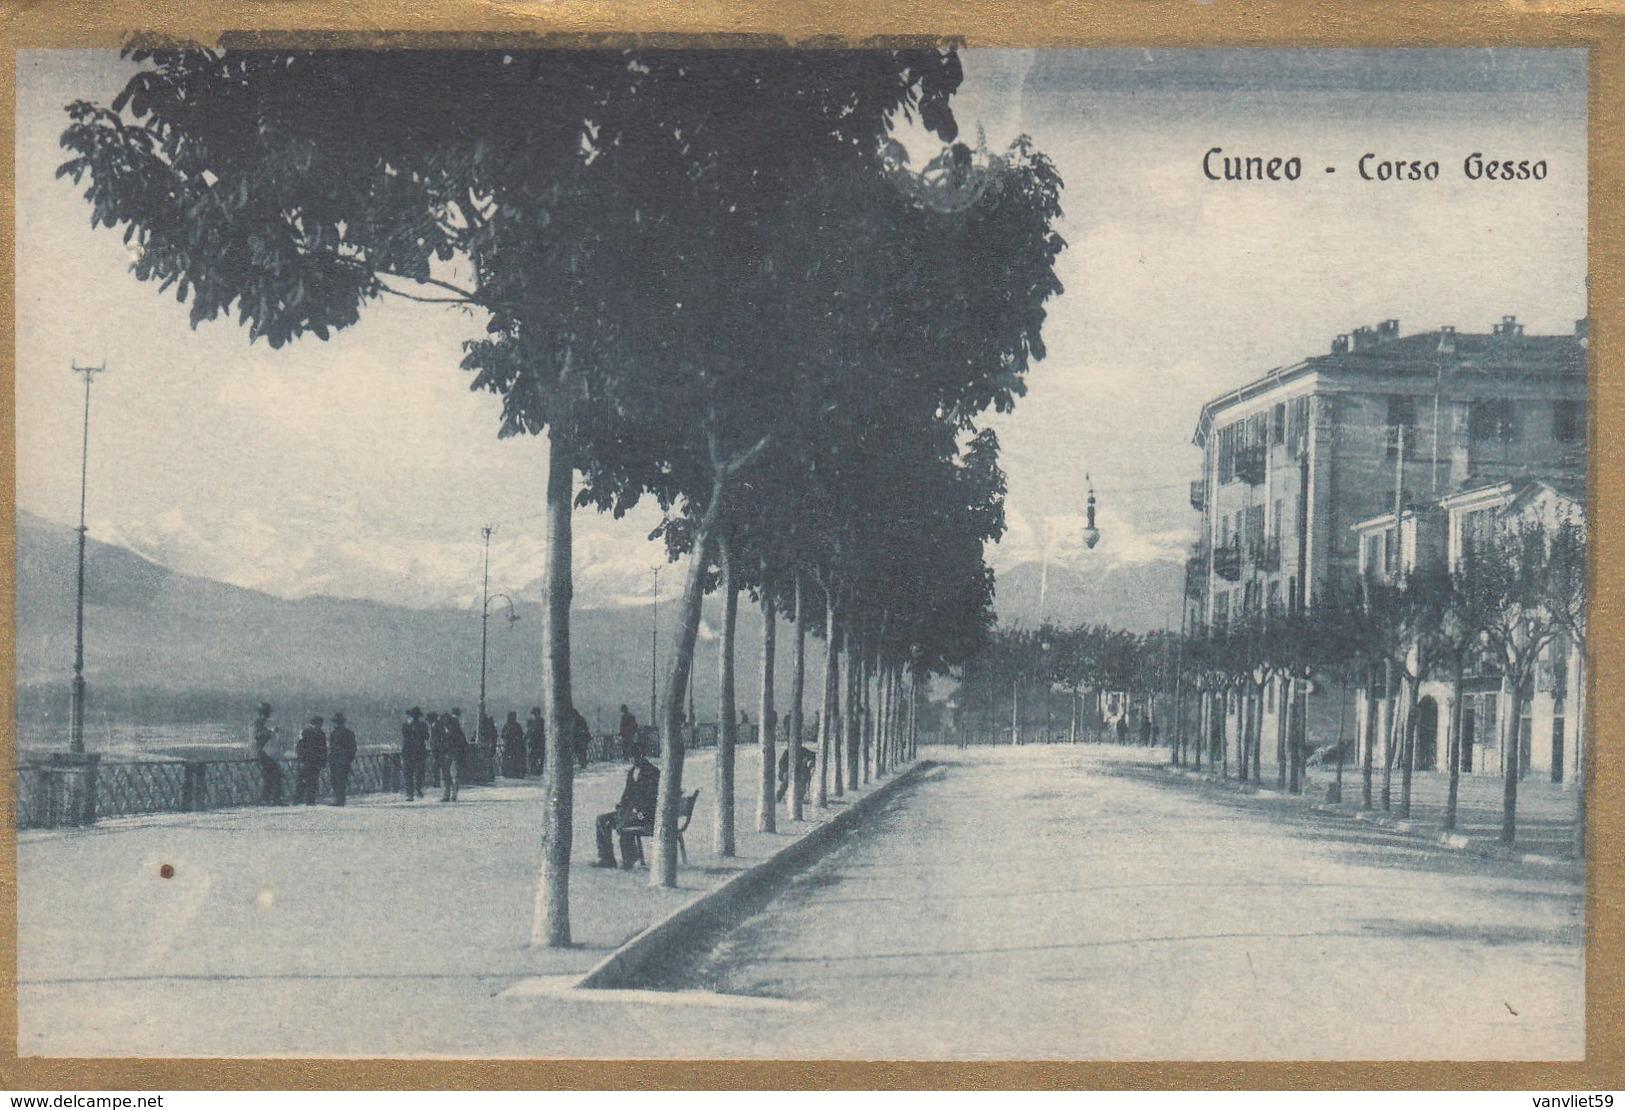 CUNEO-CORSO GESSO-CARTOLINA NON VIAGGIATA ANNO 1920-1930 - Cuneo